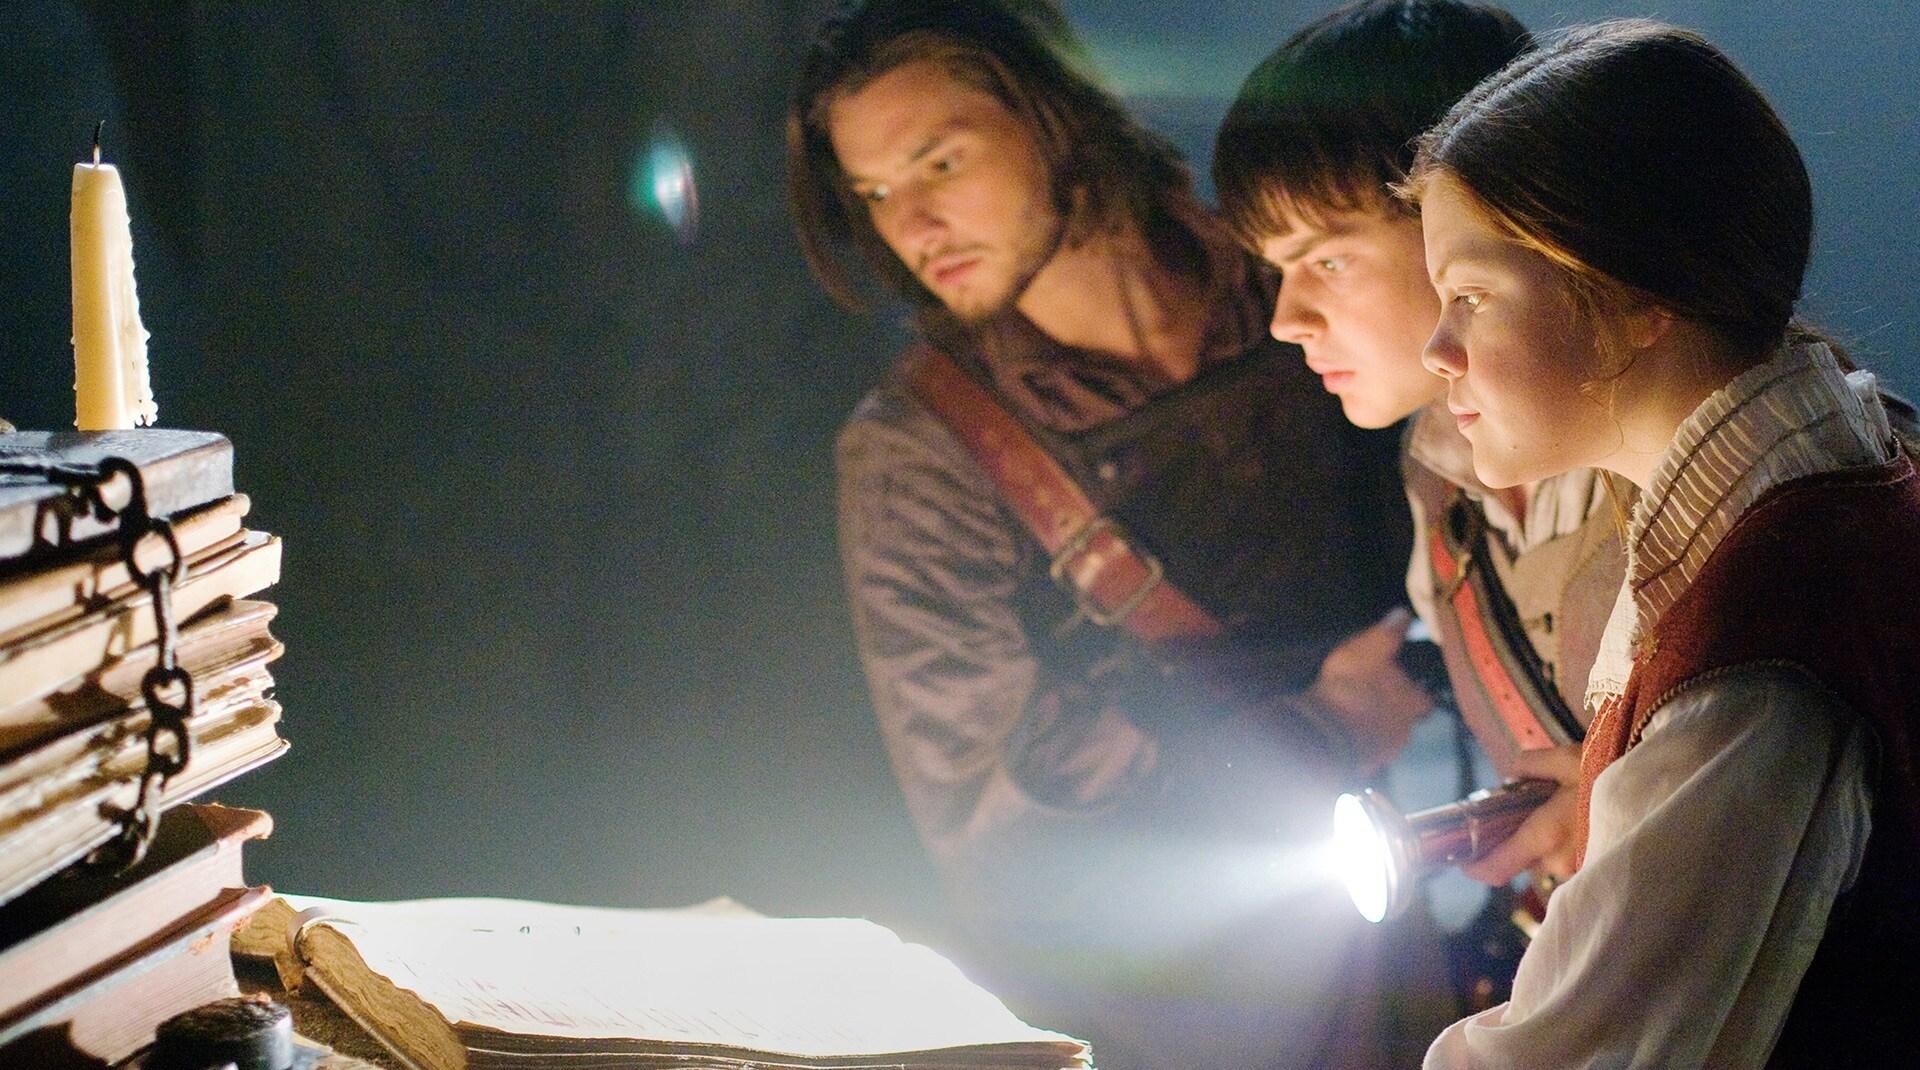 Los personajes de Las crónicas de Narnia observan un libro